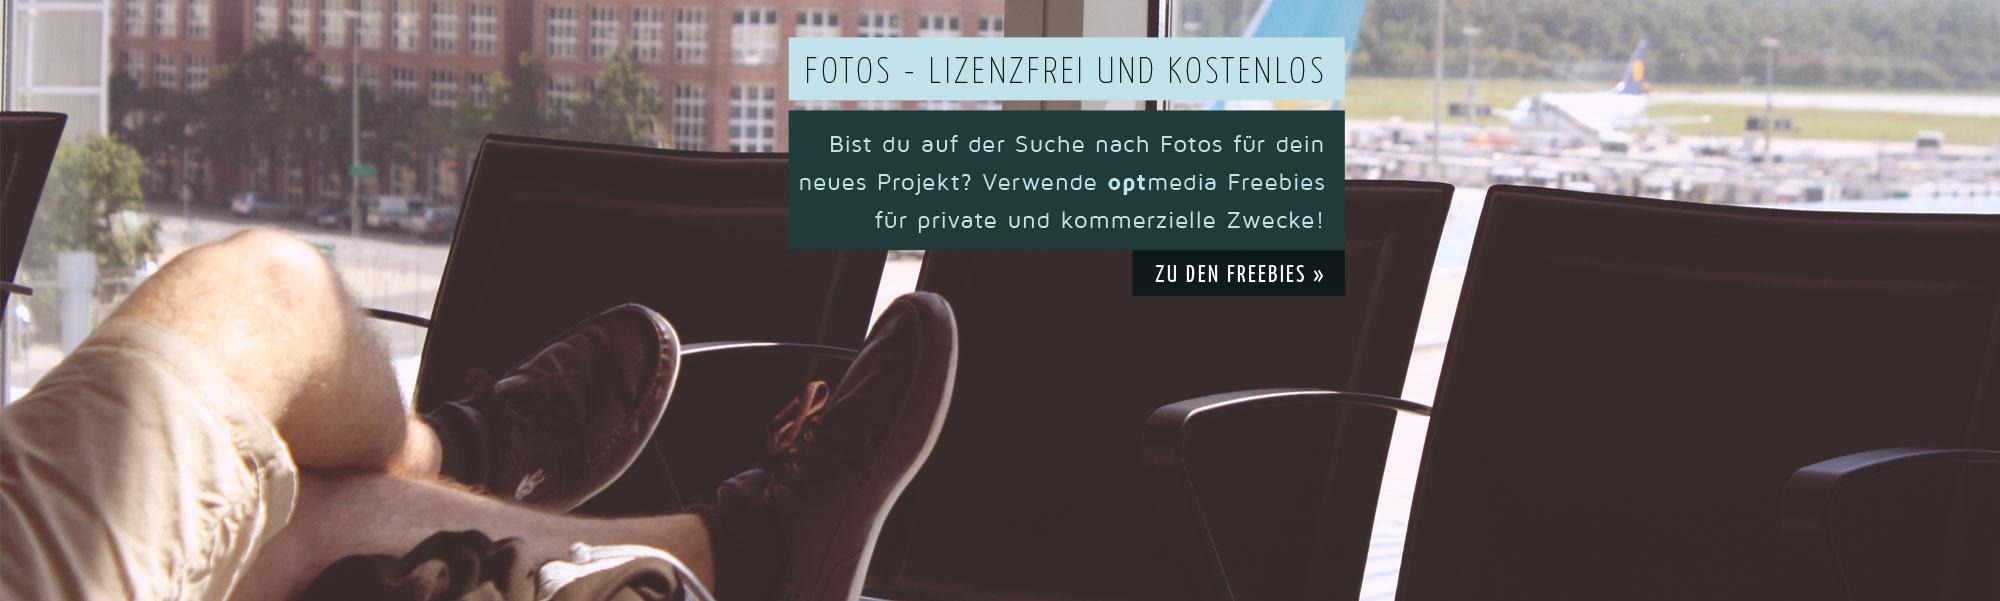 Freebies - Fotos kostenlos für private und kommerzielle Nutzung